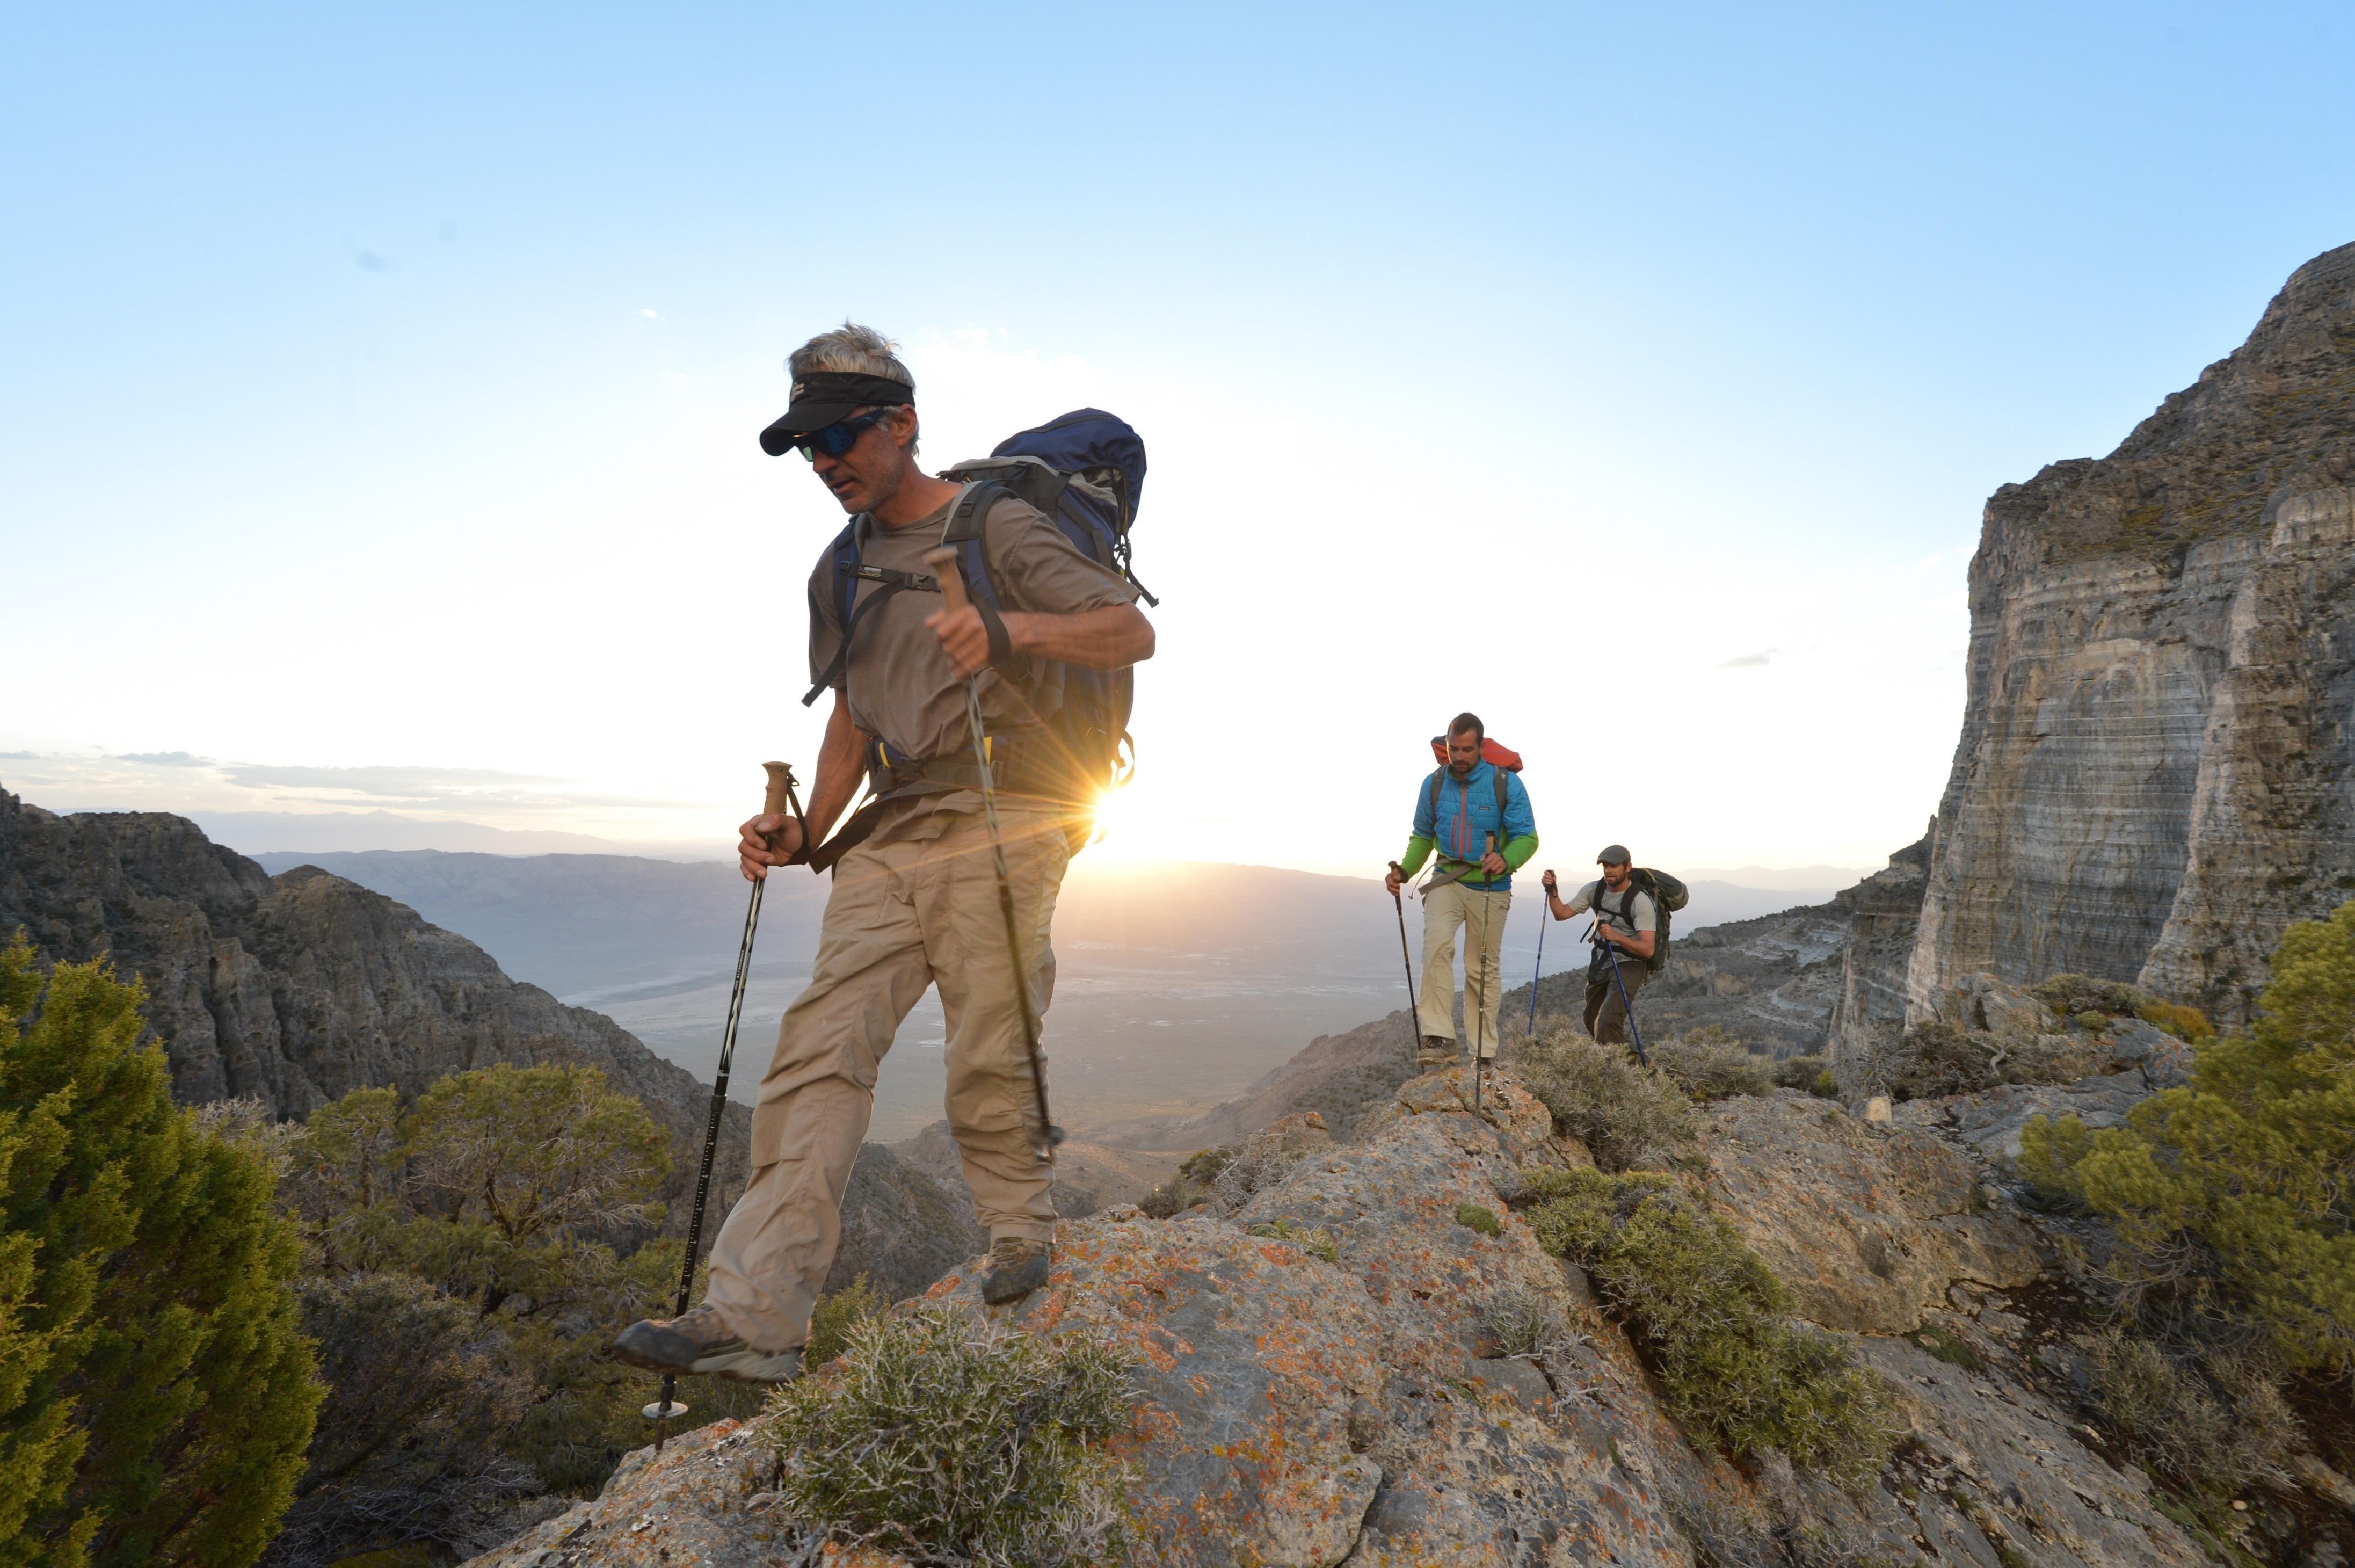 Amazon.com : Mountainsmith Carbonlite Pro Trekking Poles